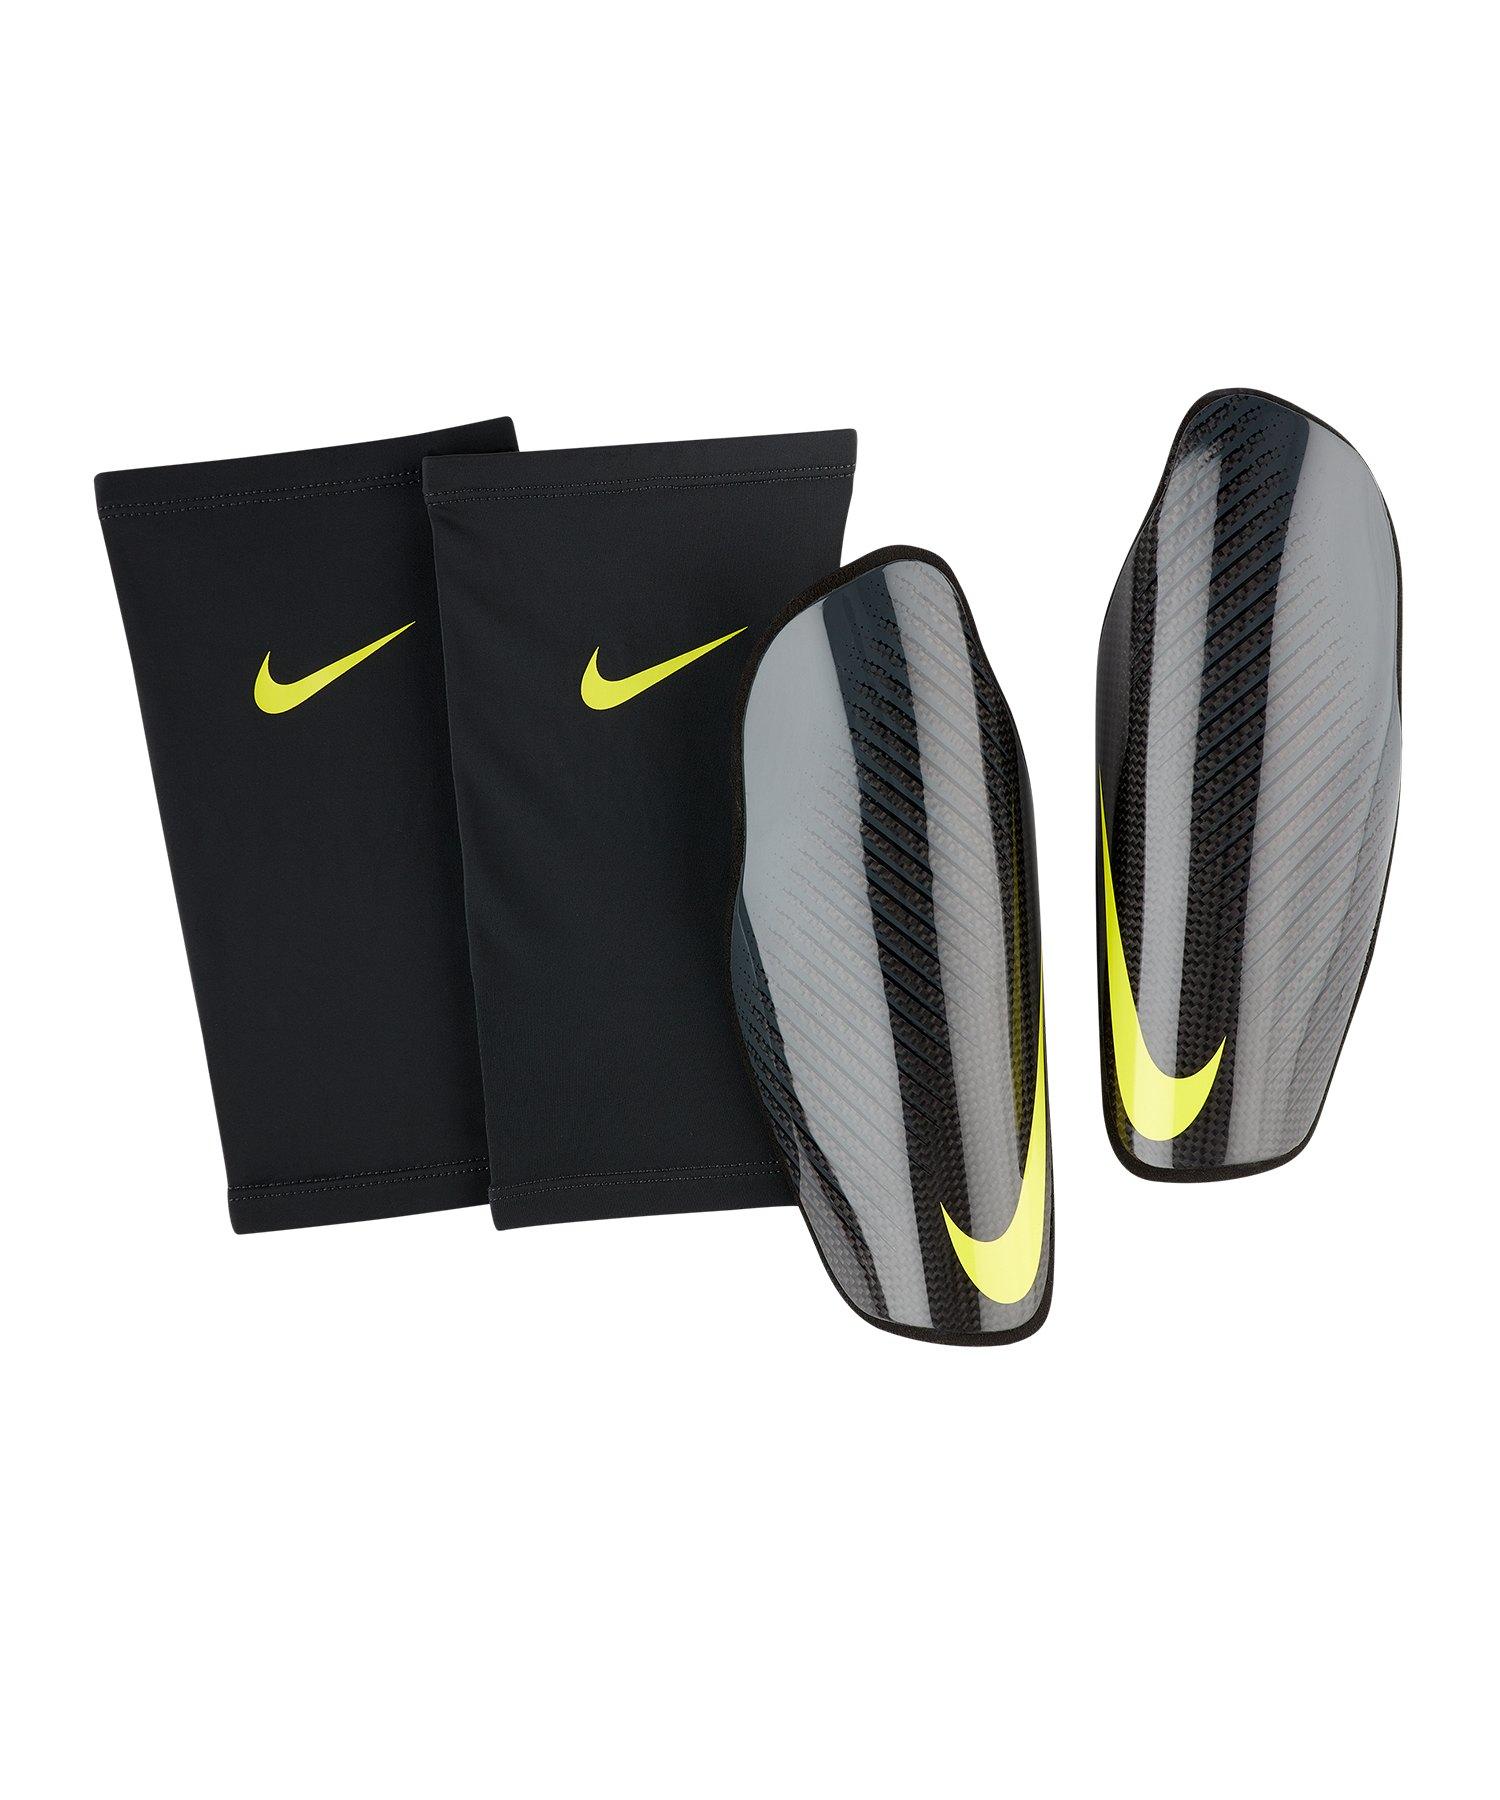 Nike Protegga Attack Elite Schienbeinschoner F010 - schwarz